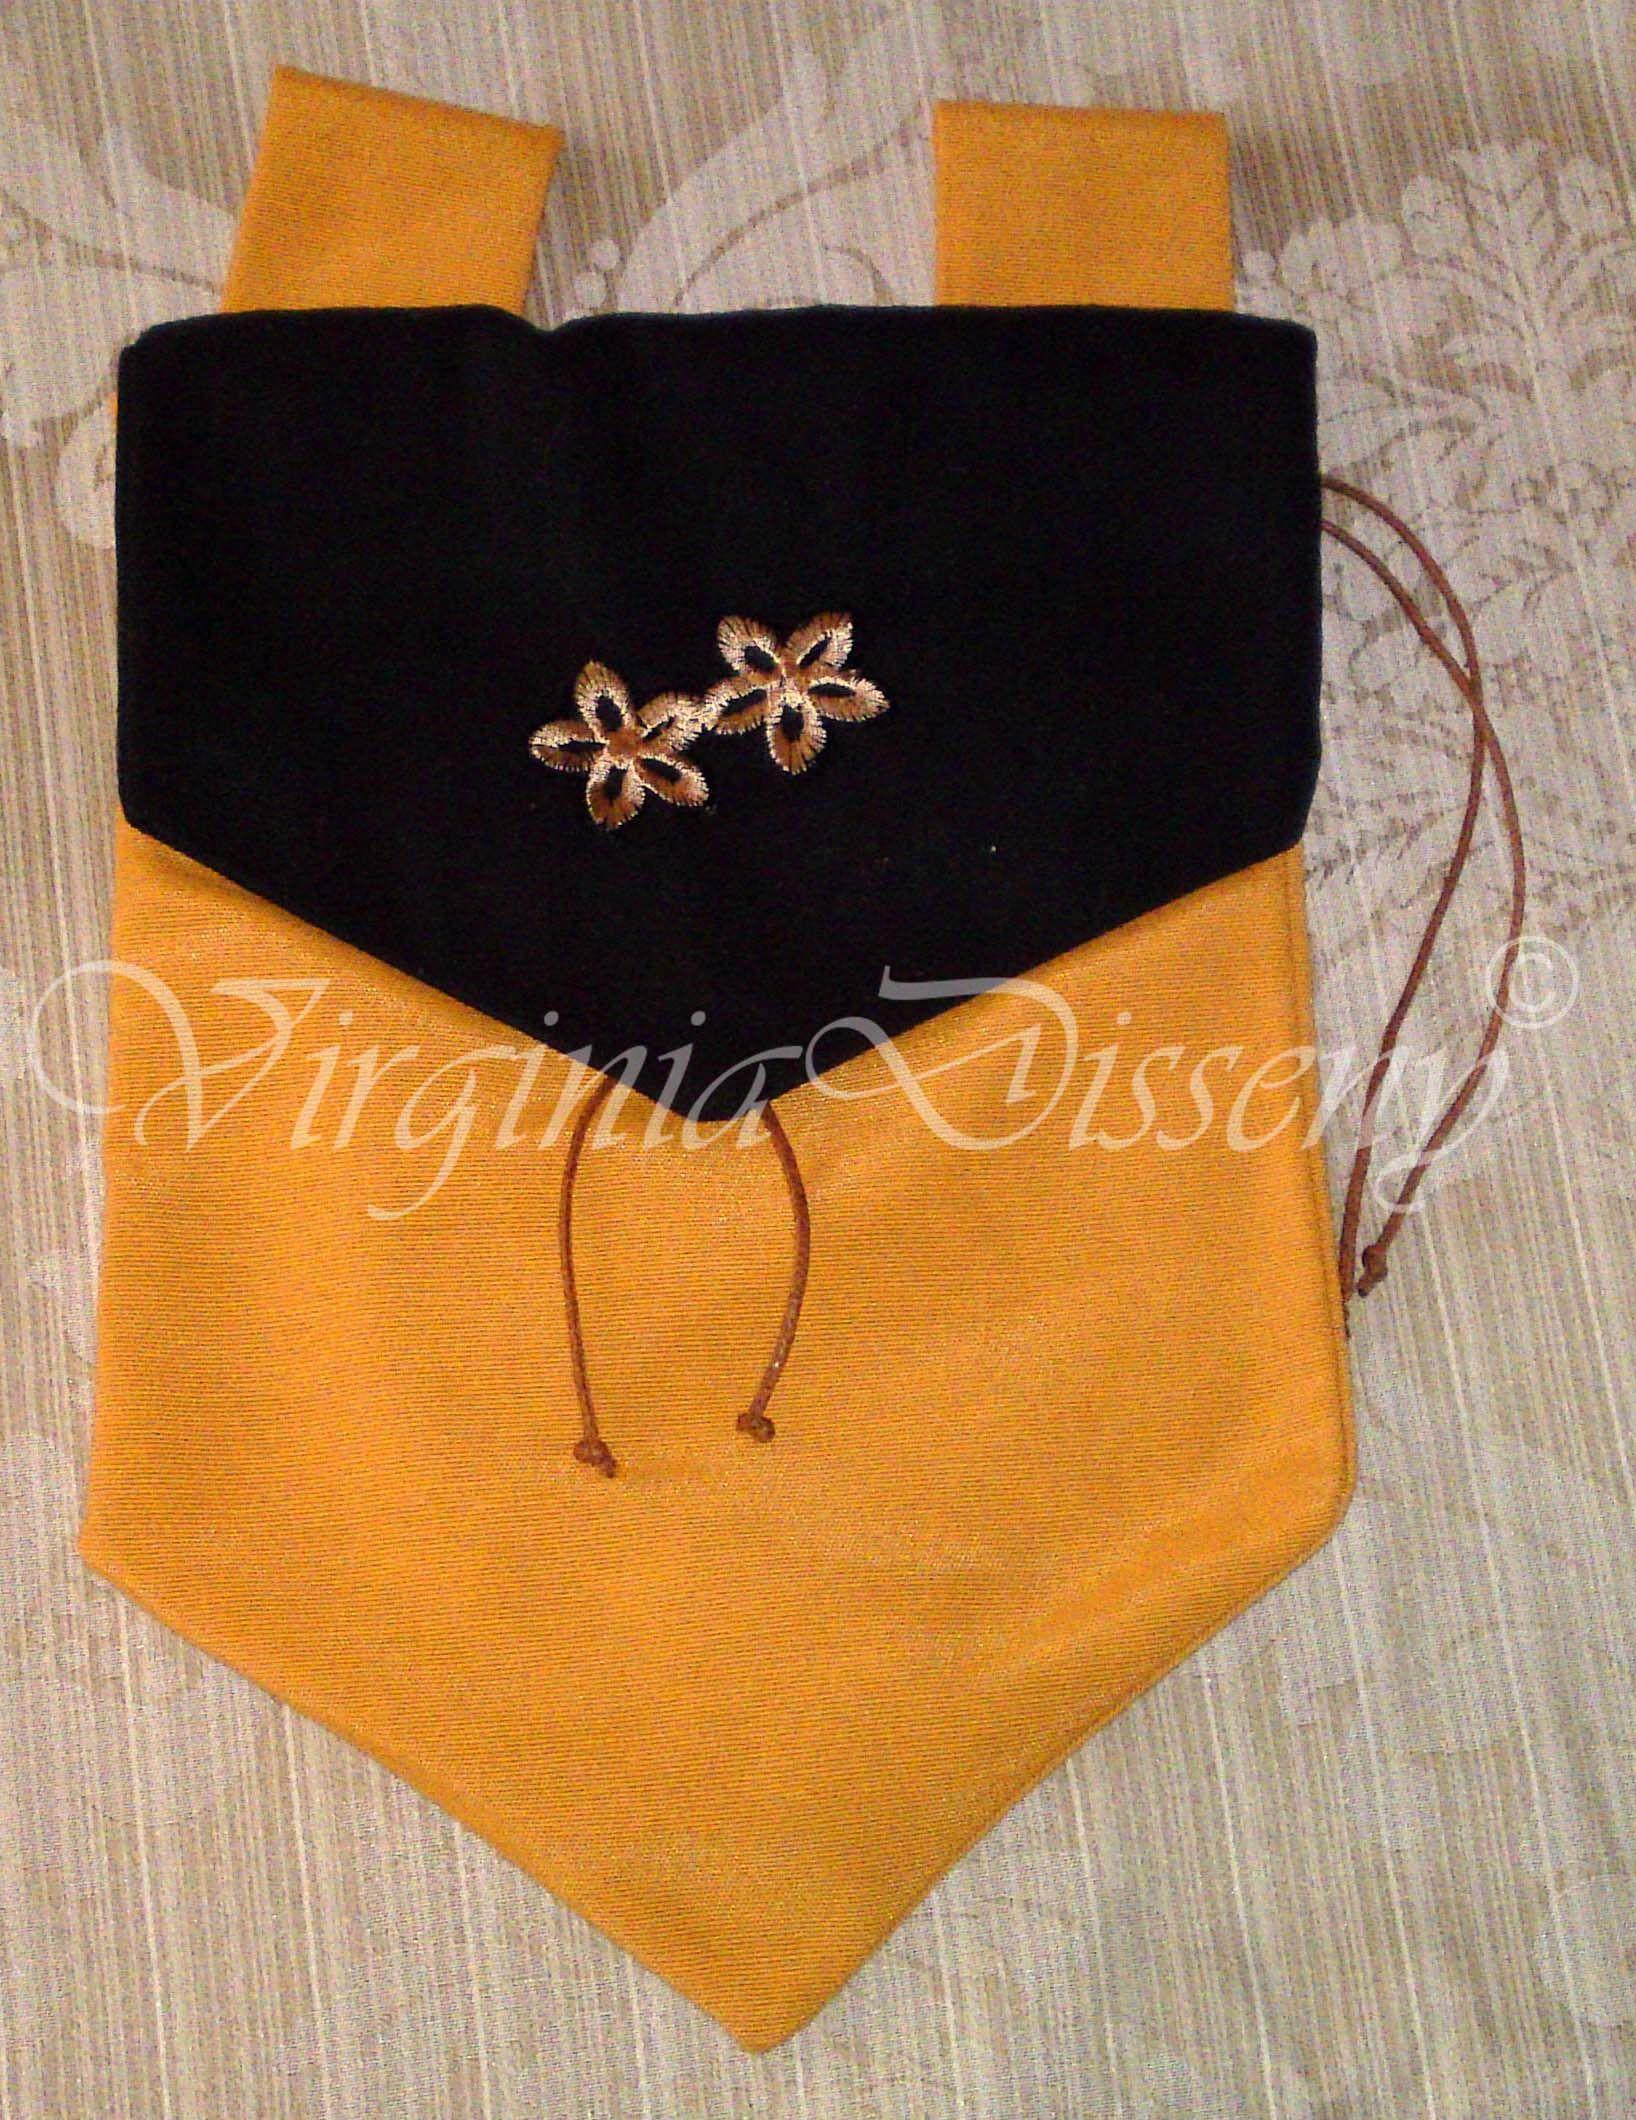 Bolso Medieval confeccionado artesanalmente en loneta de dos colores, en la solapa lleva un aplique bordado hecho a mano.